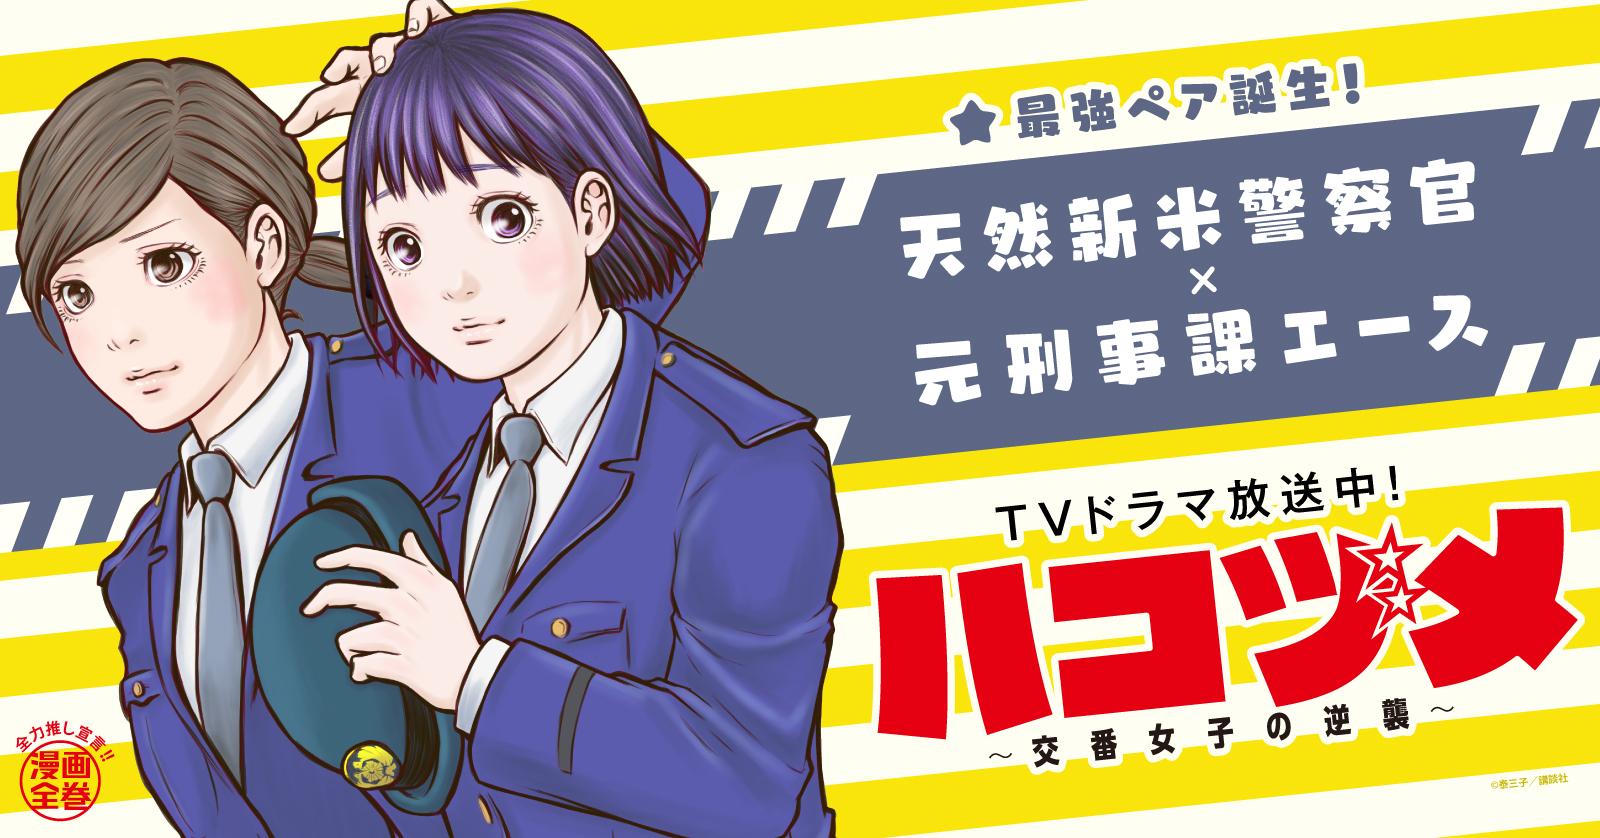 【全力推し宣言!!】『ハコヅメ〜交番女子の逆襲〜』特集ページ